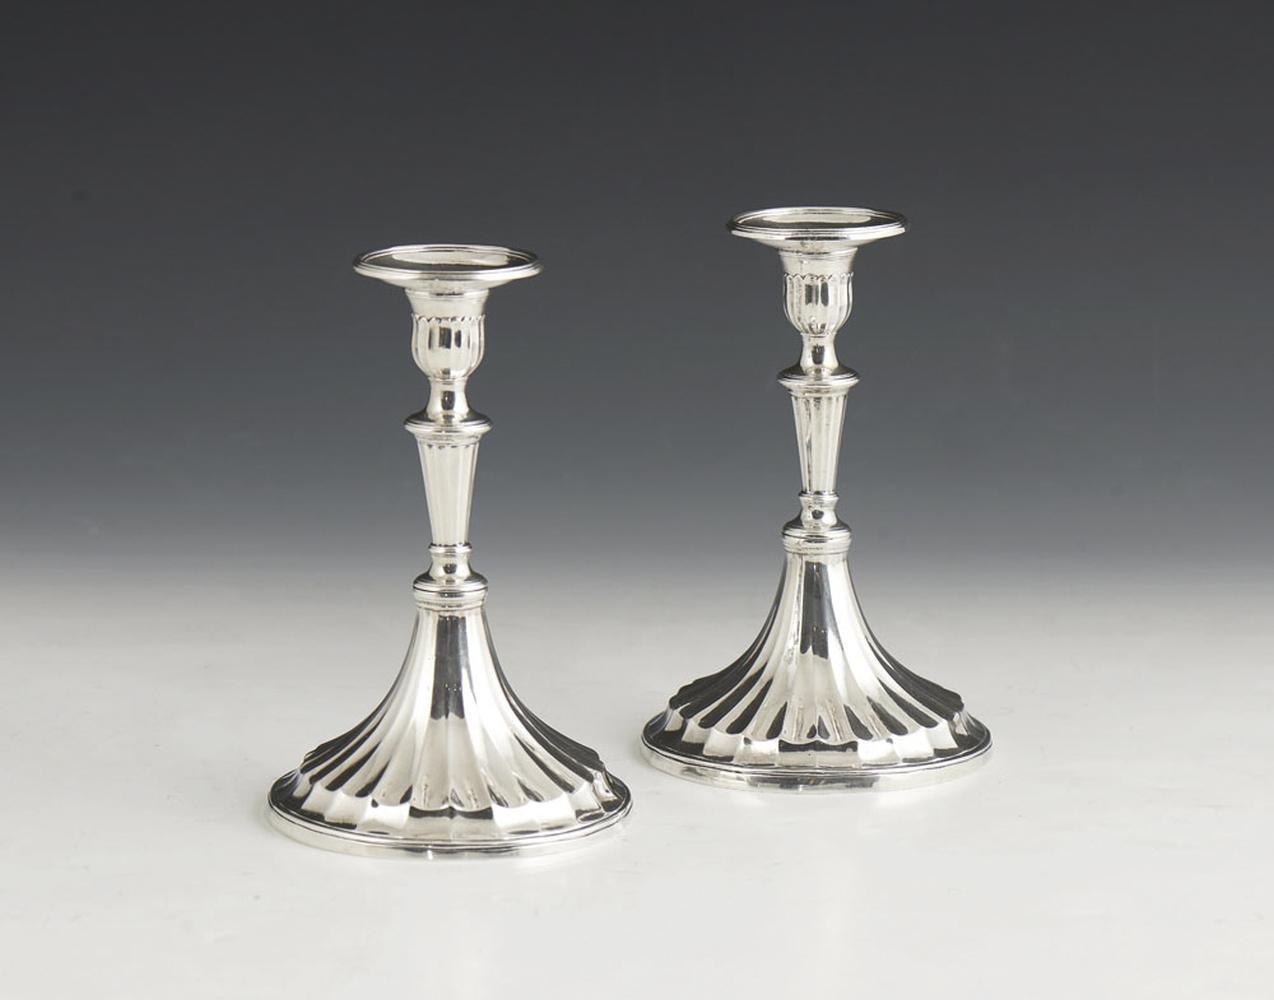 Par de castiçais em prata, séc. XIX, P. 418 g.